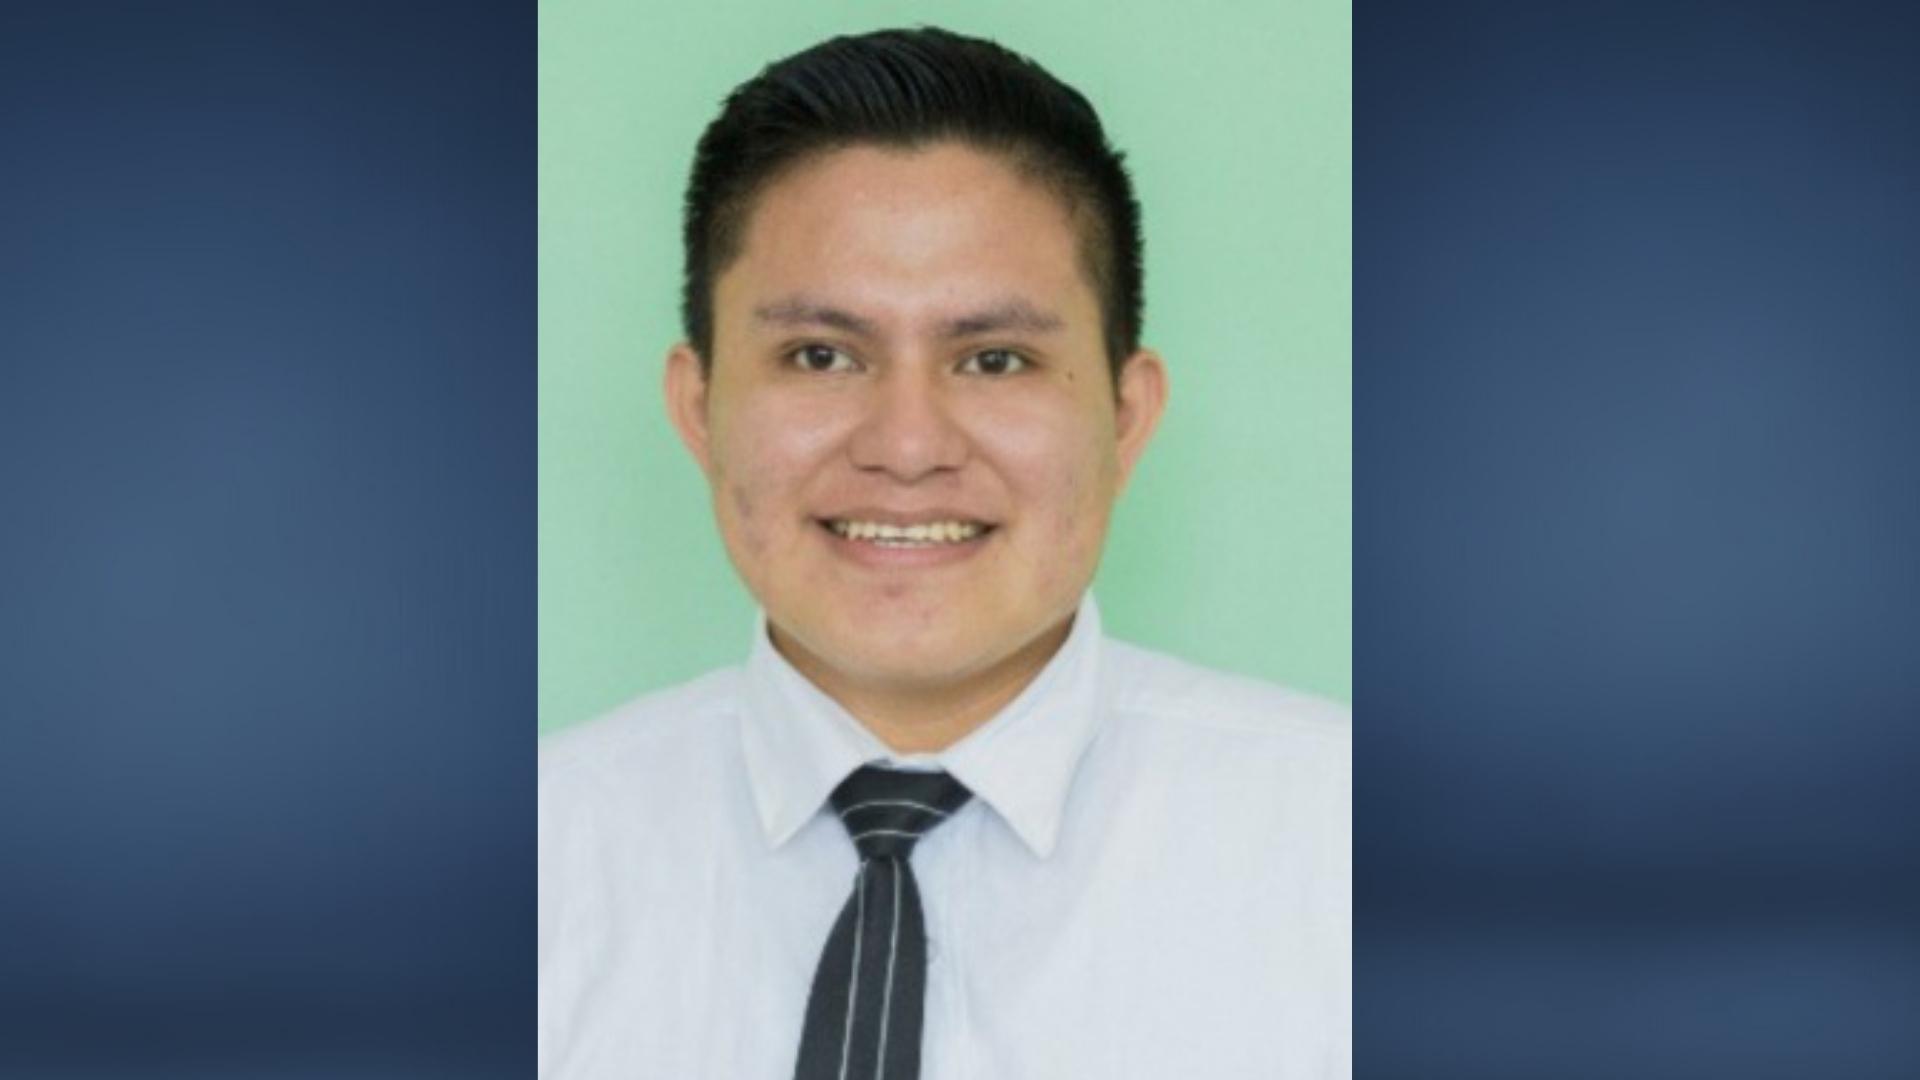 Young Missionary Dies in El Salvador